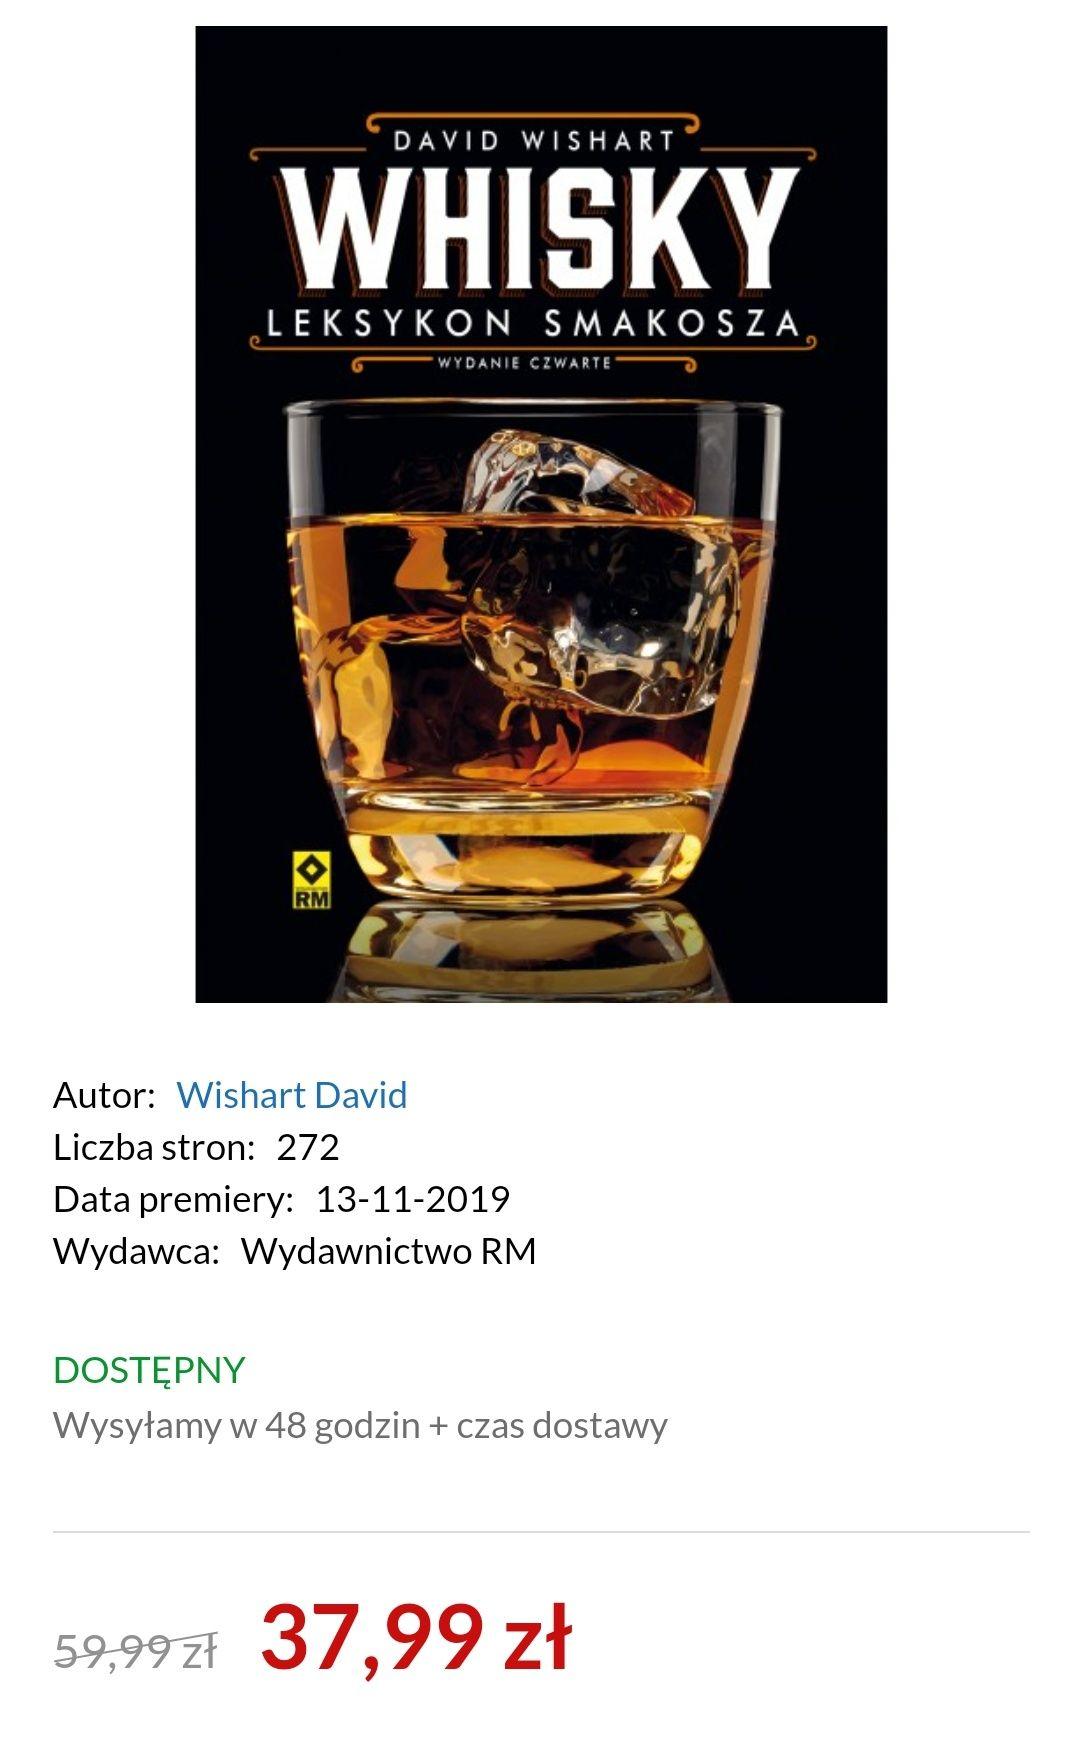 Whisky Leksykon smakosza wyd. 4 David Wishart